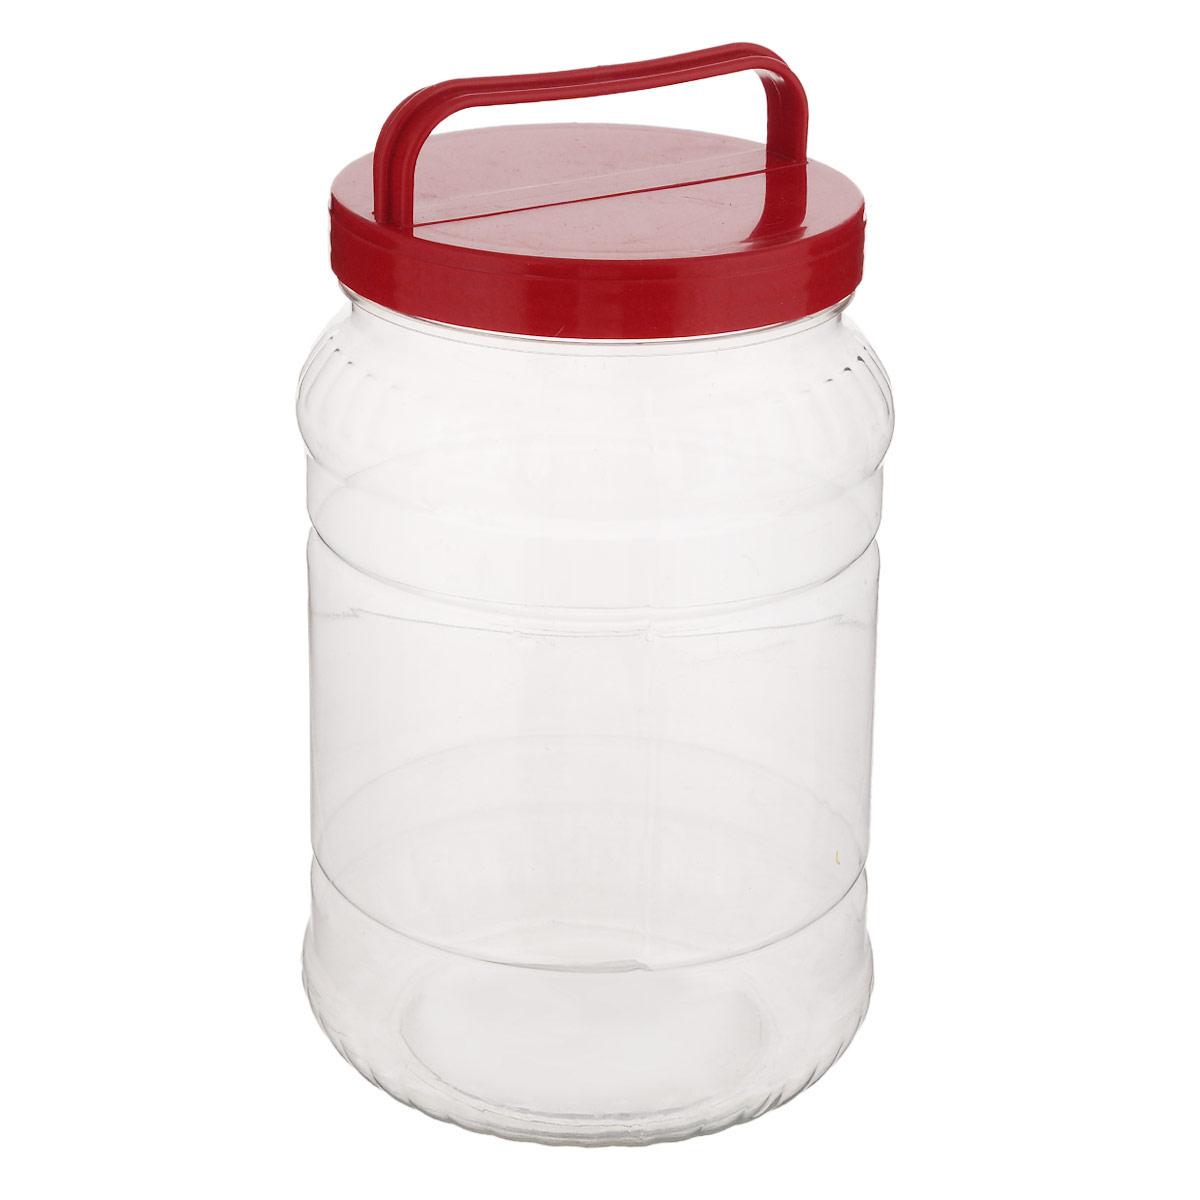 Бидон Альтернатива, цвет: прозрачный, красный, 2 л21395597Бидон Альтернатива предназначен для хранения и переноски пищевых продуктов, таких как молоко, вода и прочее. Выполнен из пищевого высококачественного пластика. Оснащен ручкой для удобной переноски.Бидон Альтернатива станет незаменимым аксессуаром на вашей кухне.Высота бидона (без учета крышки): 20,5 см.Диаметр: 10,5 см.